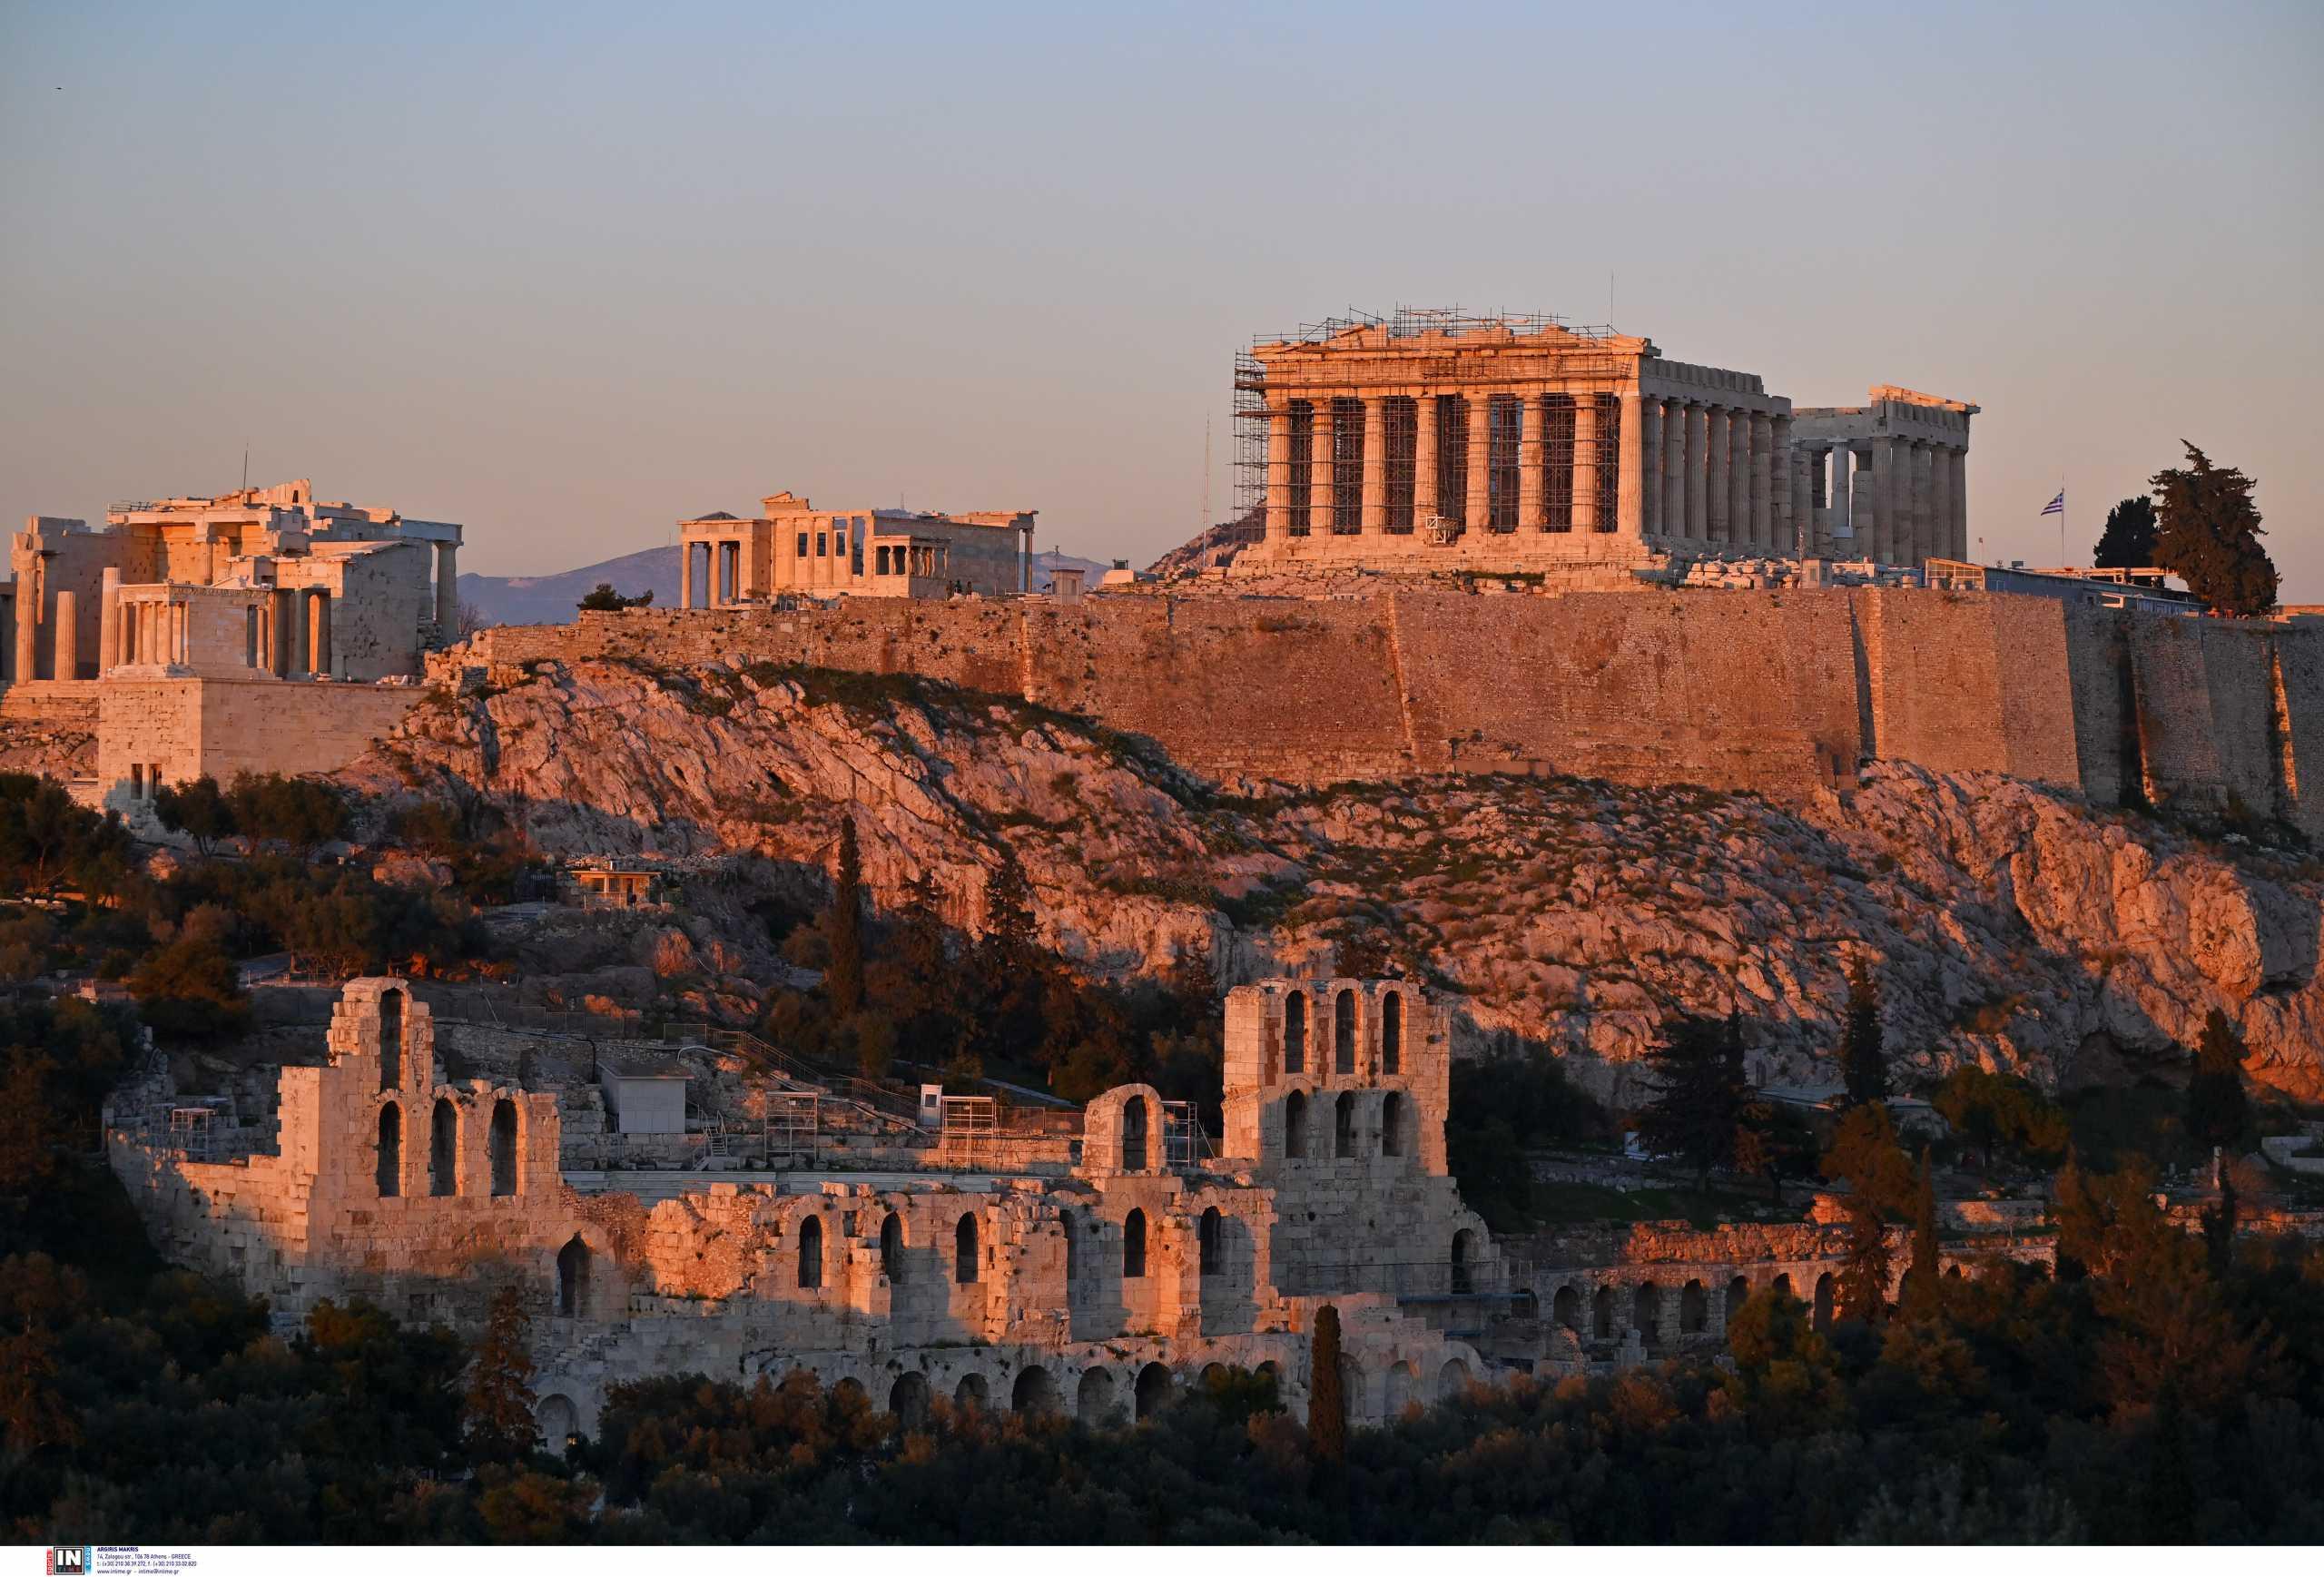 «Ανακριβέστατο»: Η απάντηση του Υπουργείου Πολιτισμού στο δημοσίευμα της Liberation για την Ακρόπολη